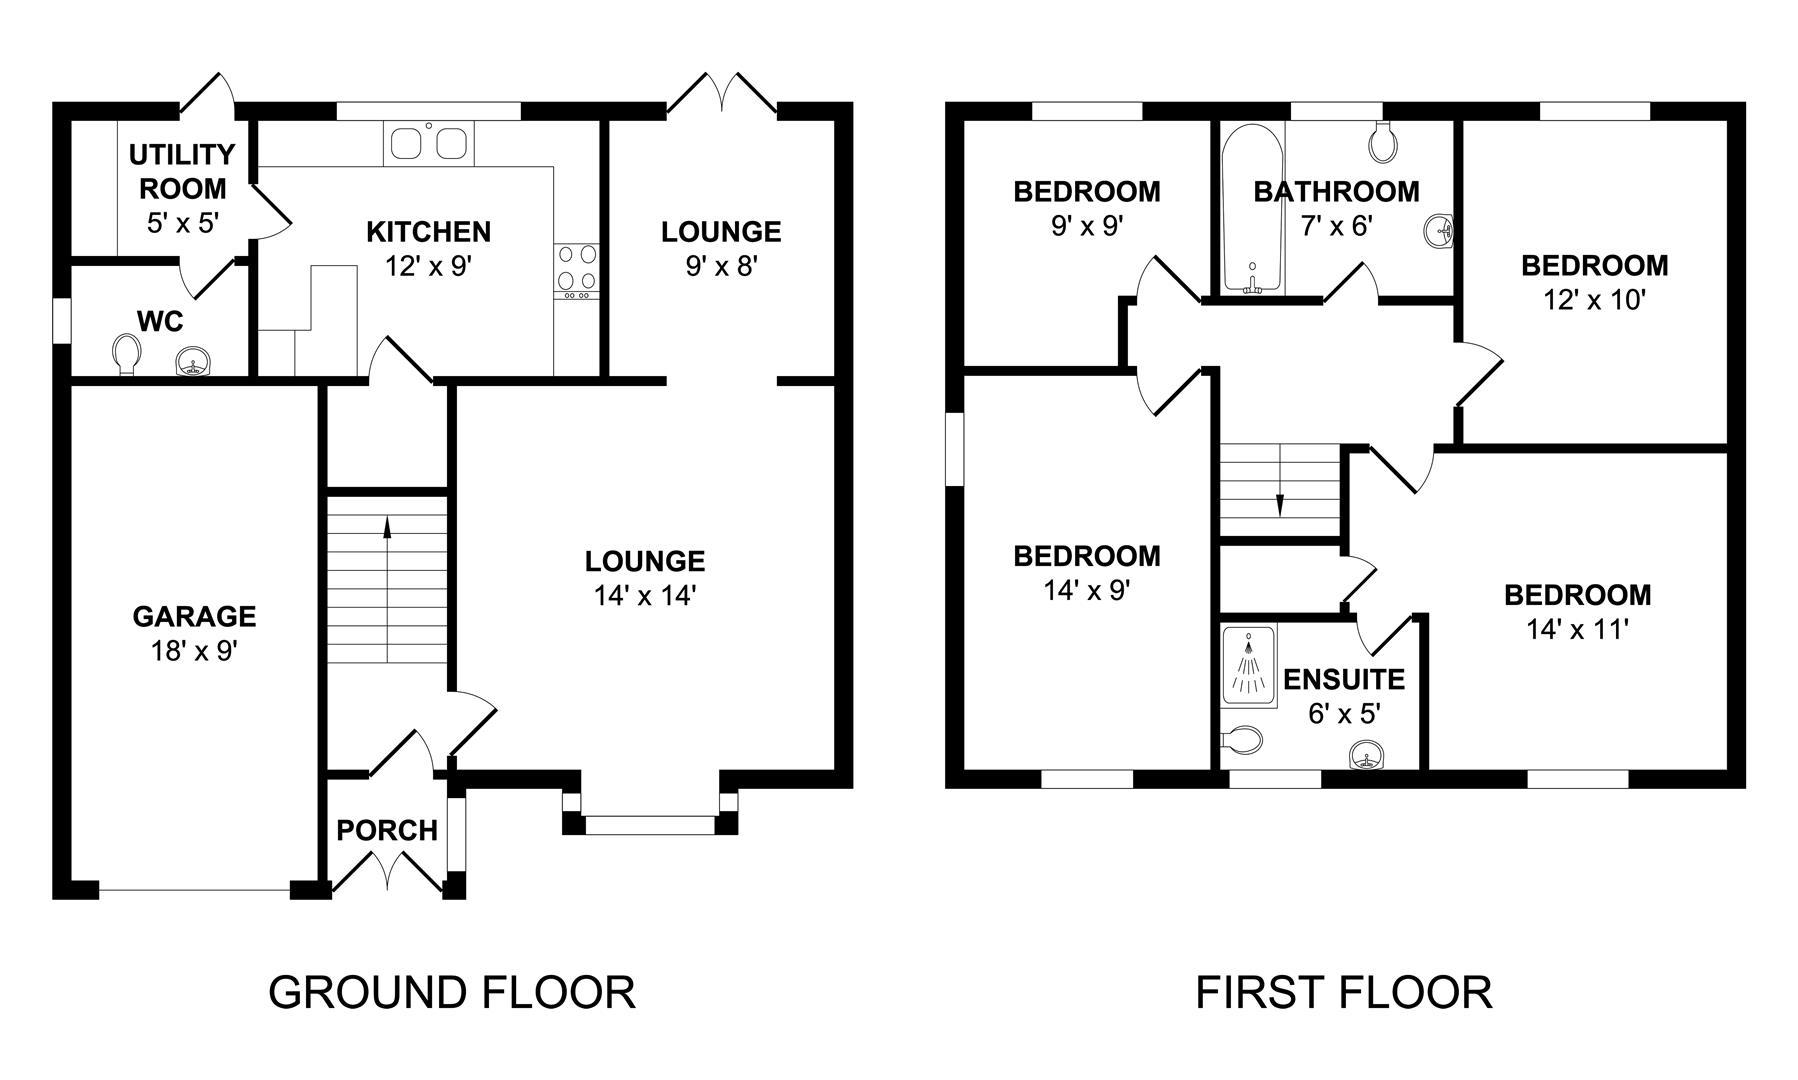 Floorplan 24 cennin pedr.jpg